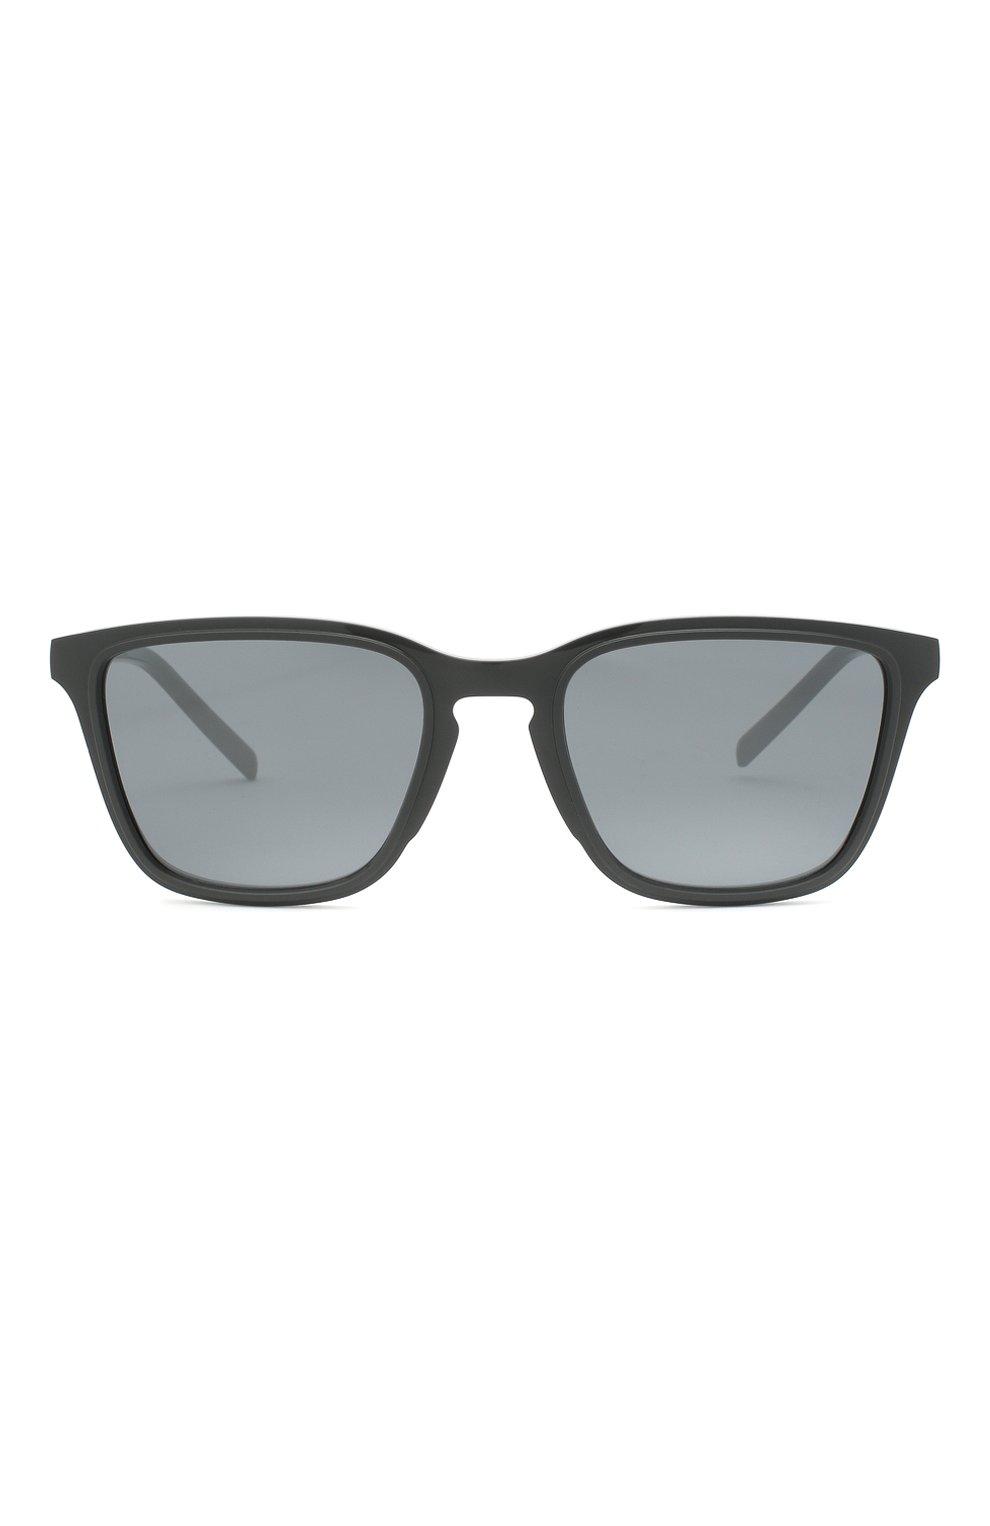 Мужские солнцезащитные очки DOLCE & GABBANA серого цвета, арт. 6145-32936G | Фото 3